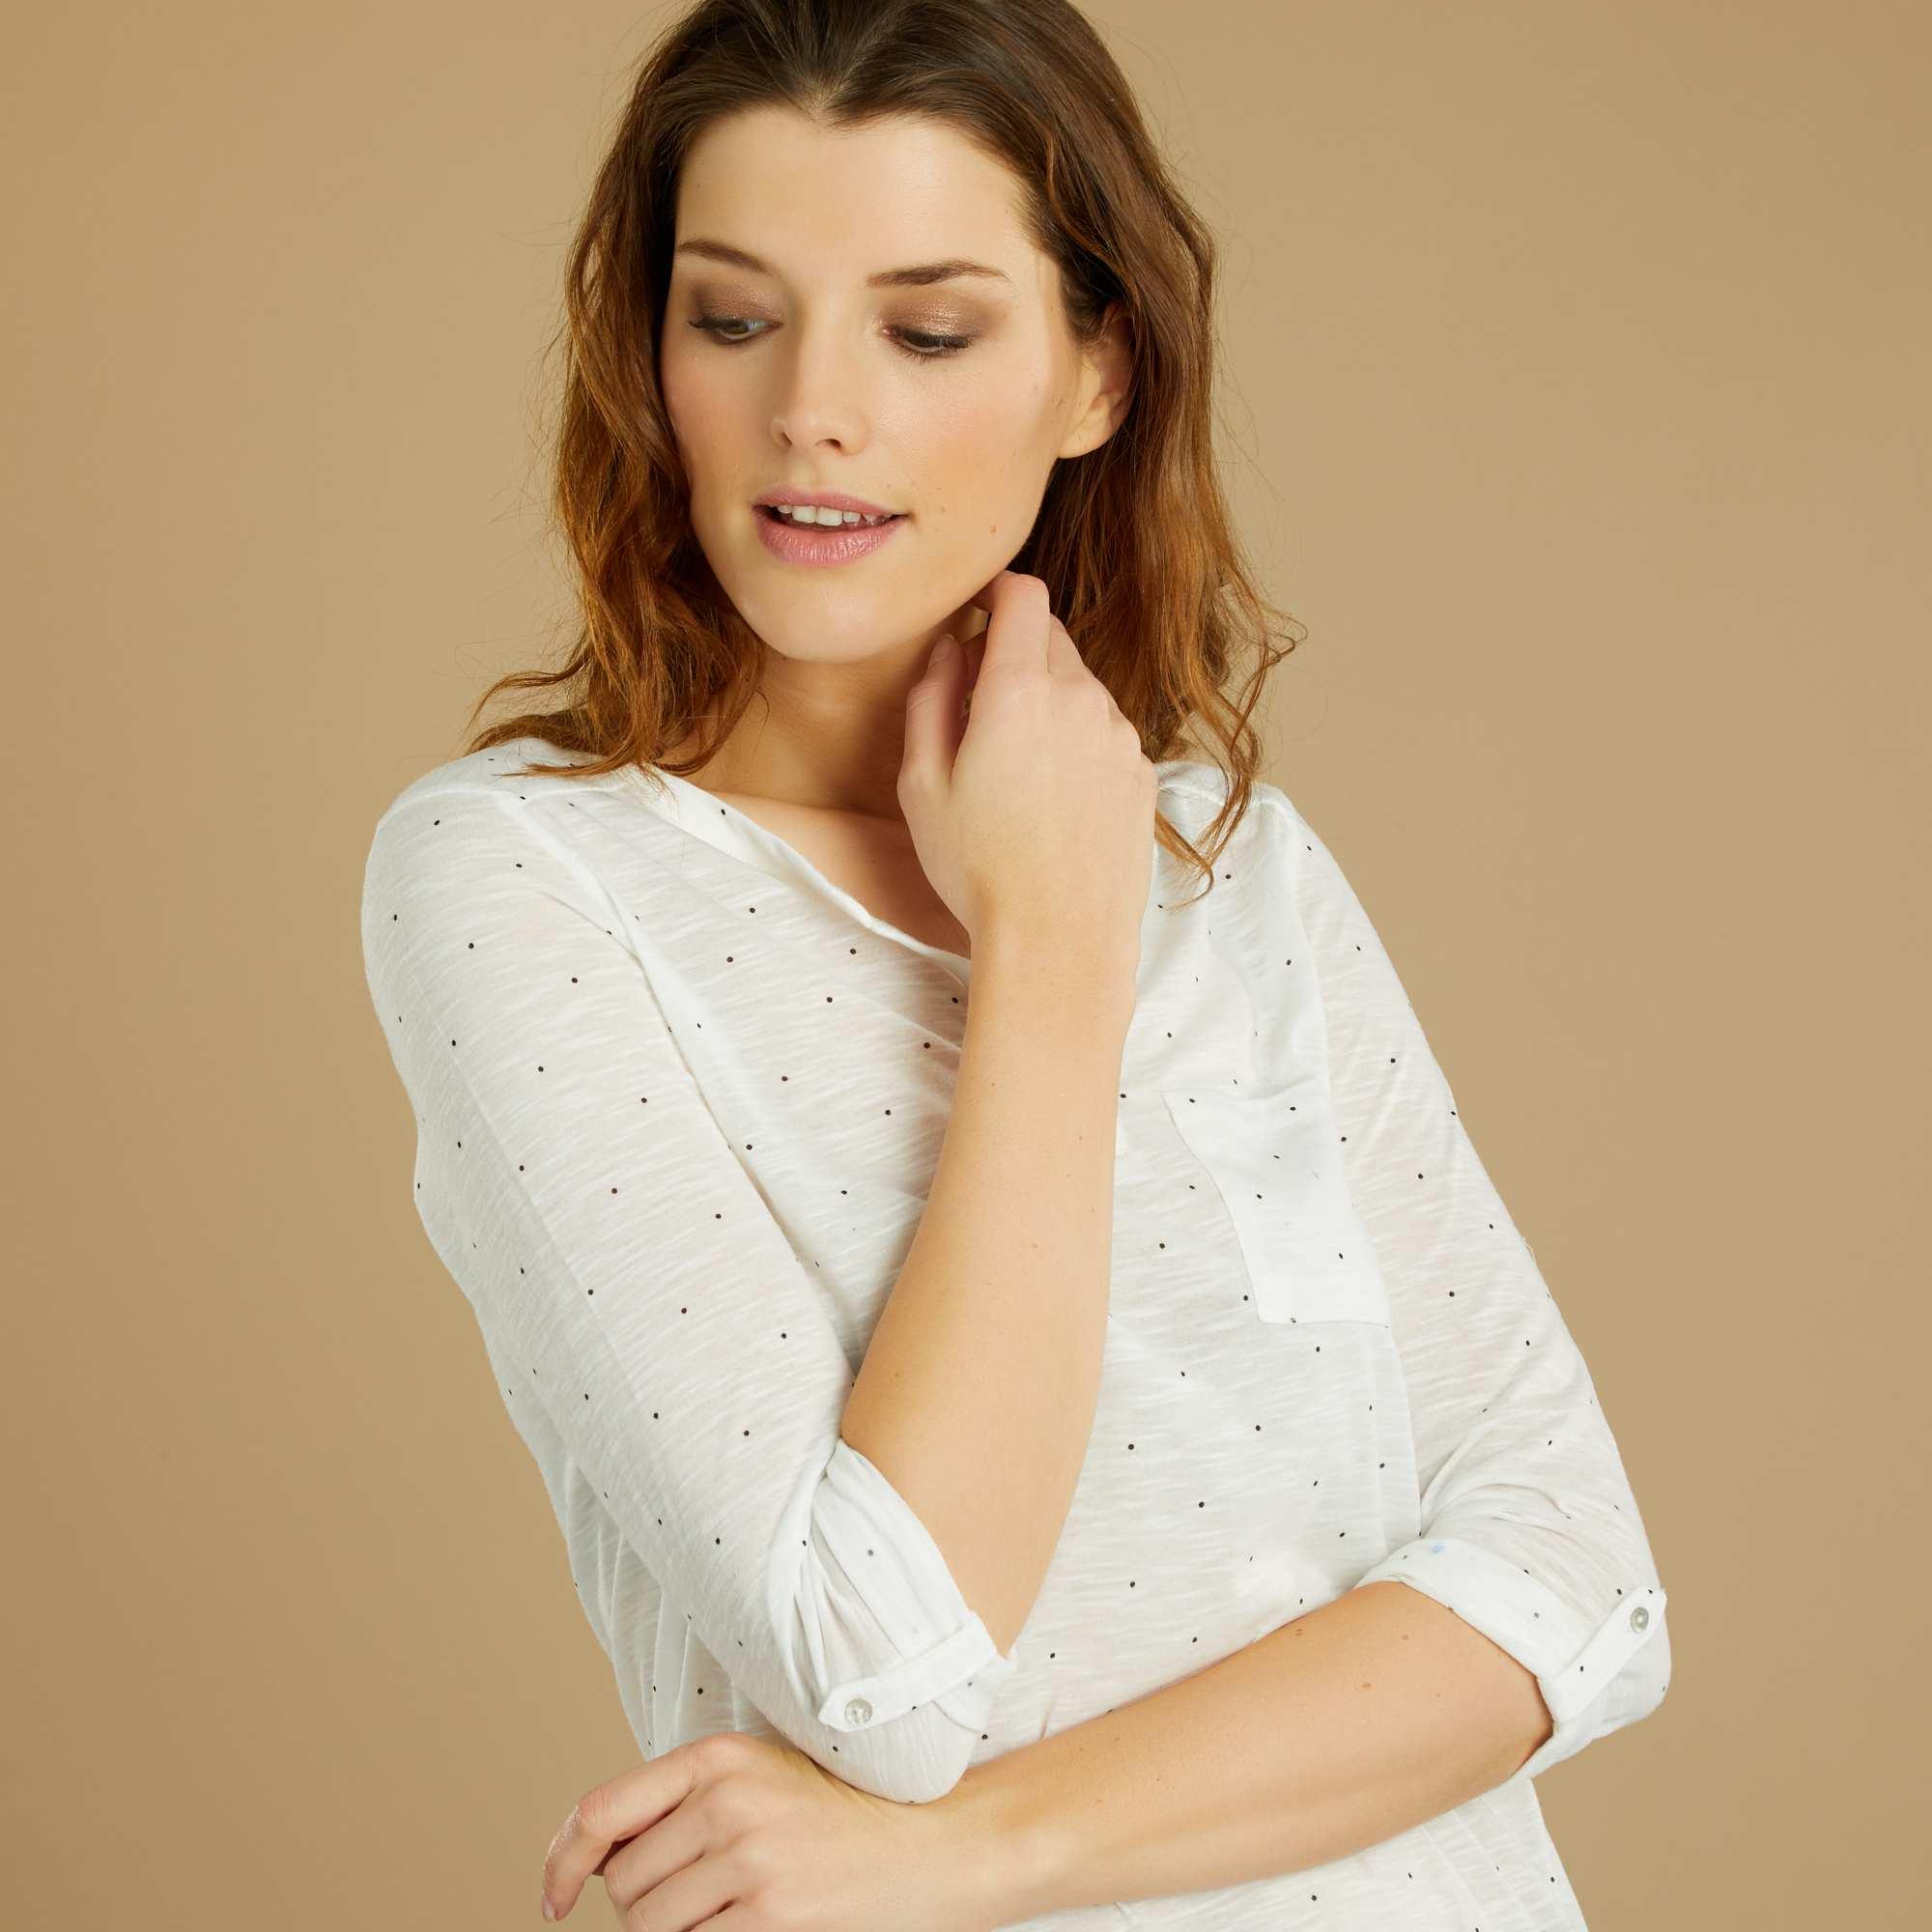 aed9d3b154d tee-shirt-fluide-col-tunisien-blanc-casse-a-pois-femme-tt580 30 zc1.jpg